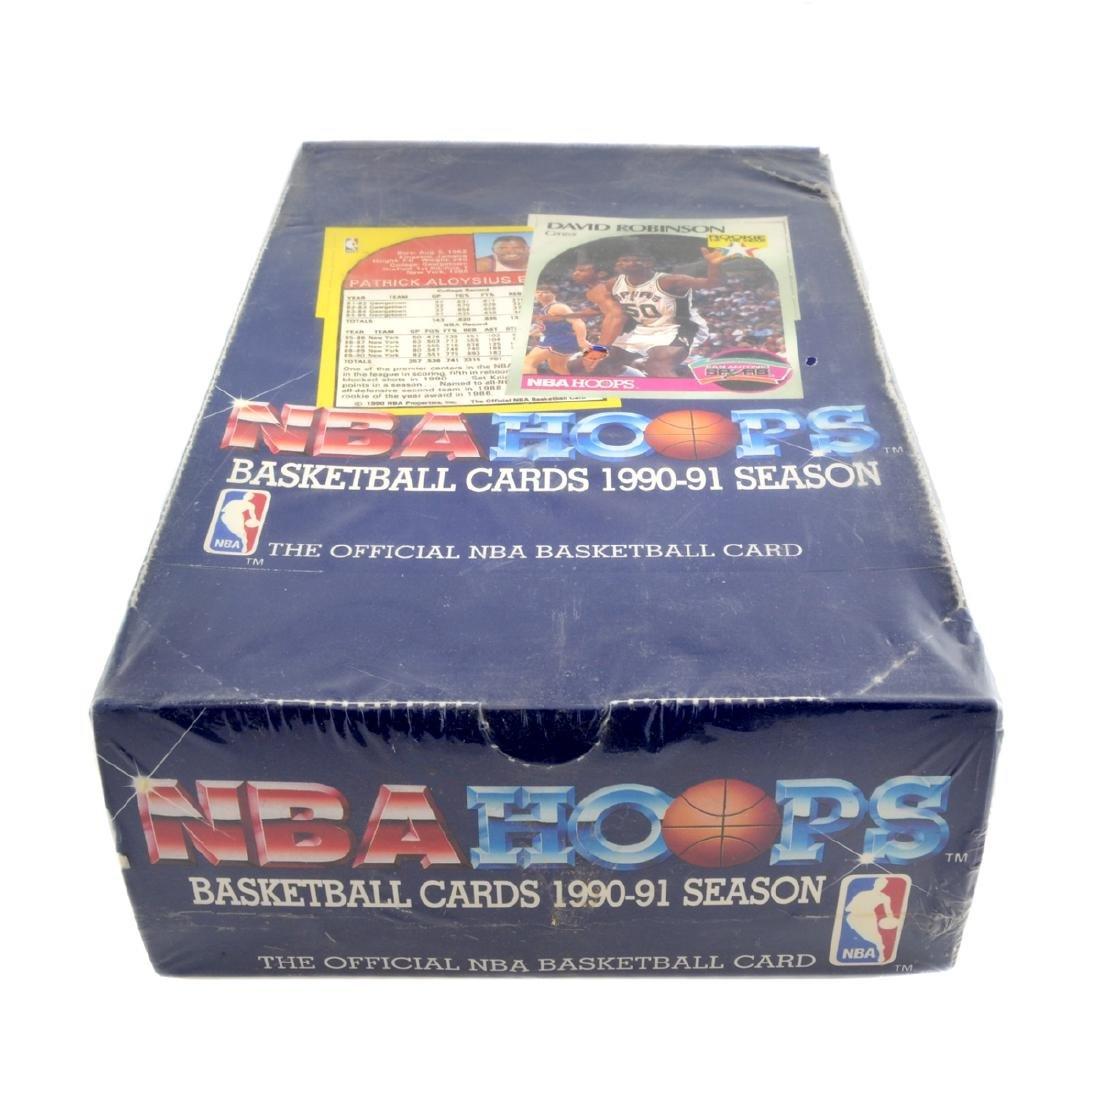 1990 - 91 Season NBA Hoops Basketball Card Set (Unopen)